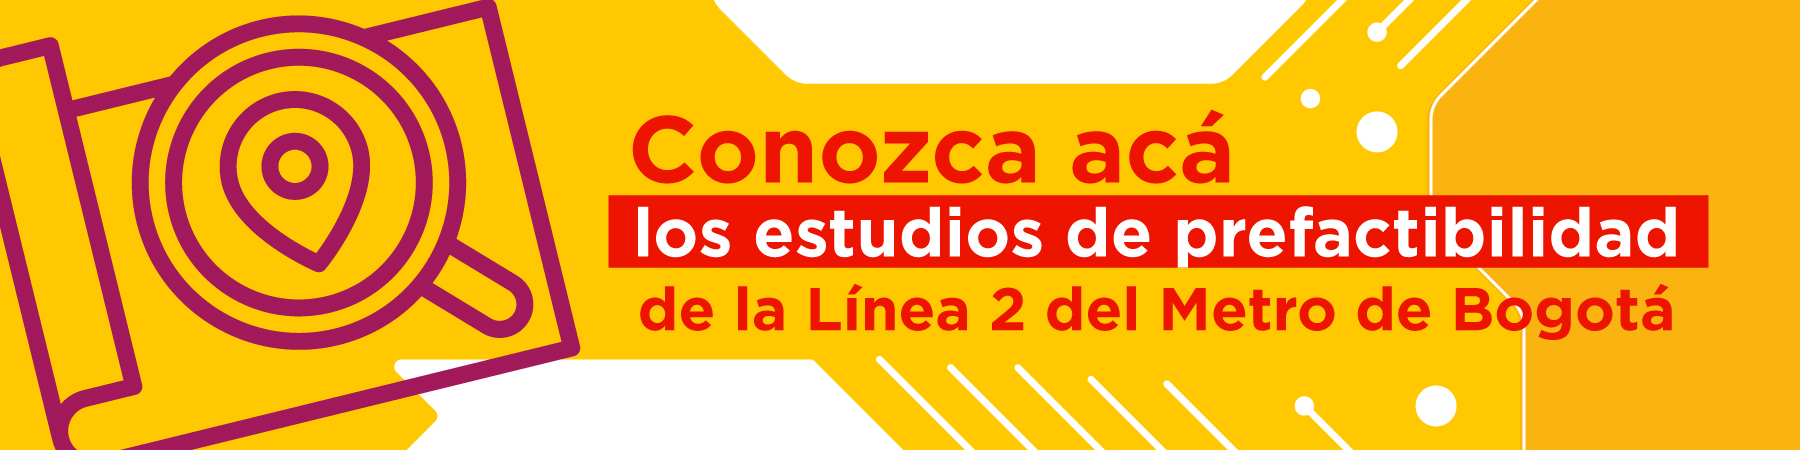 Estudios a nivel de prefactibilidad de la Línea 2 del Metro de Bogotá